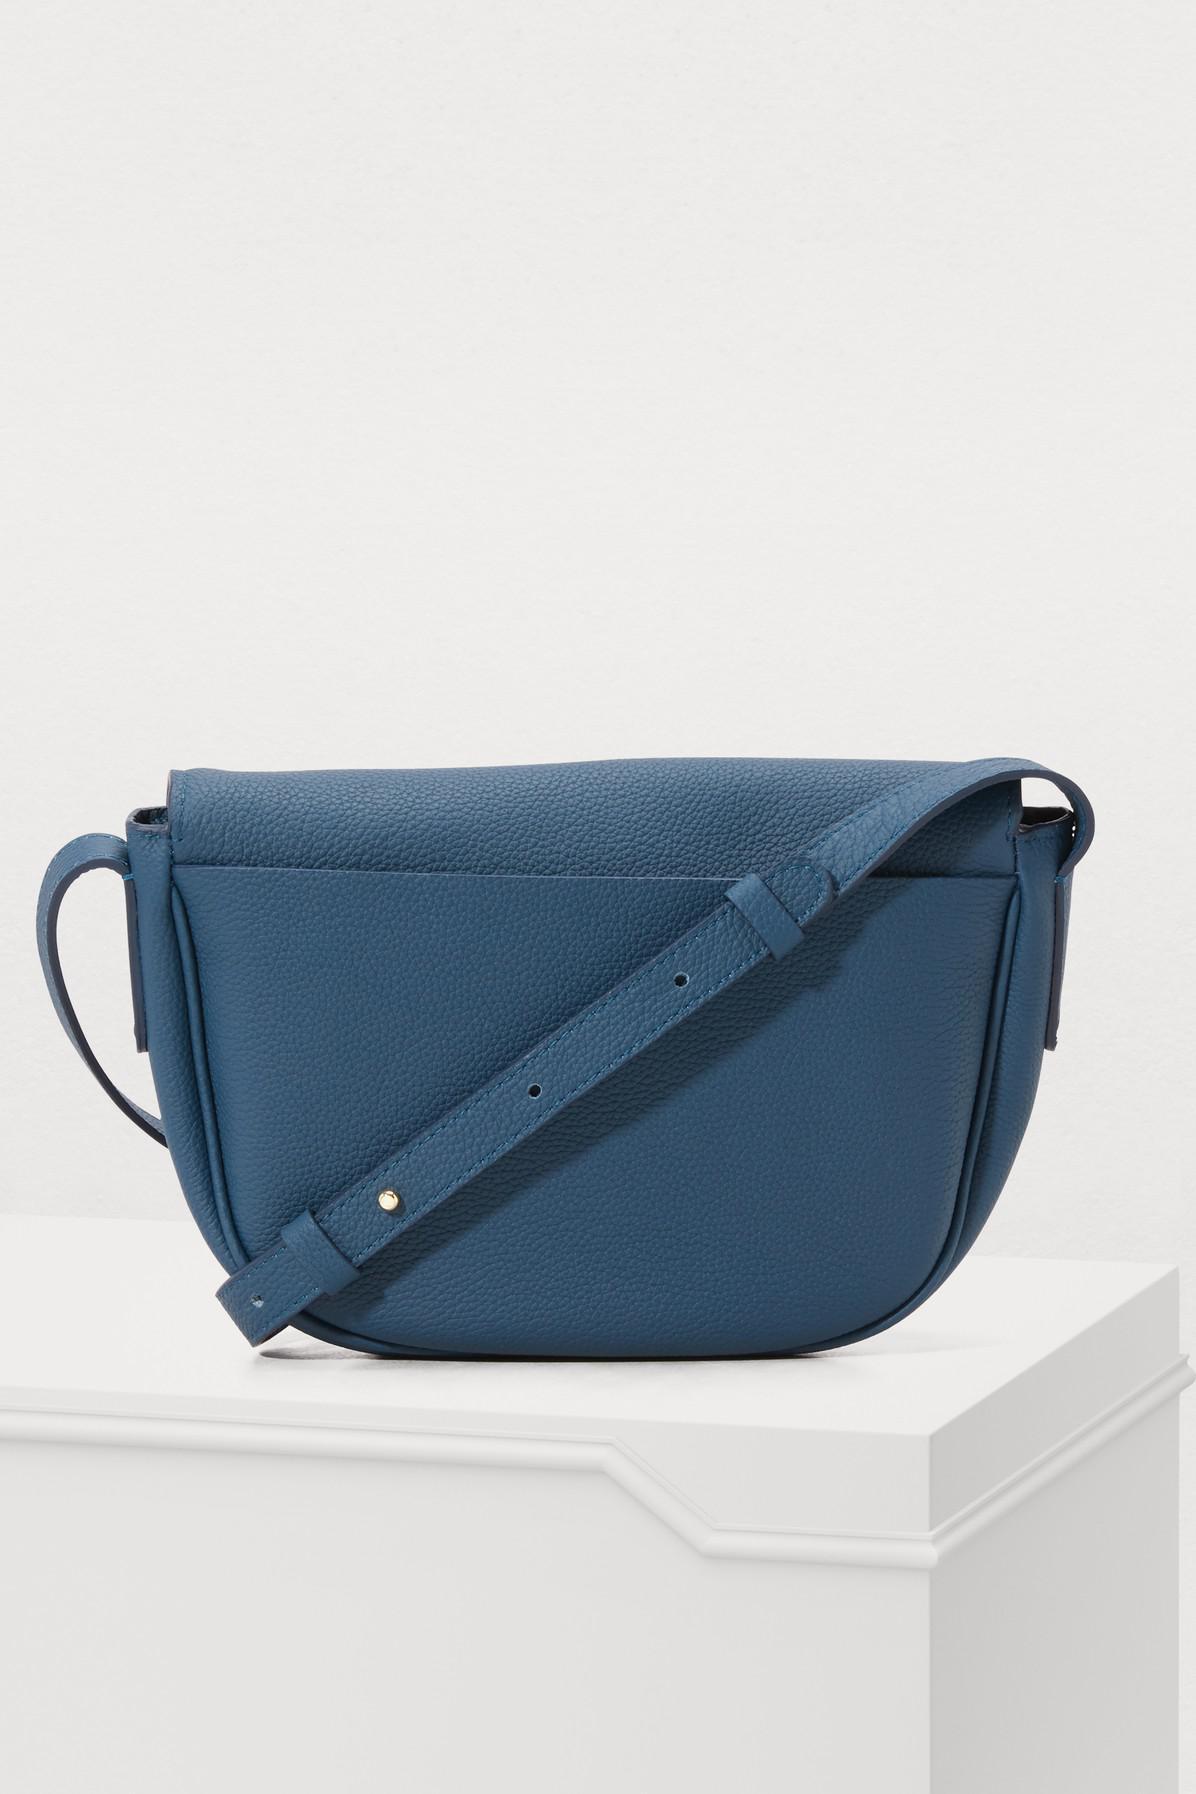 62c52c02f2 Lyst - Repetto Quadrille Crossbody Bag in Blue